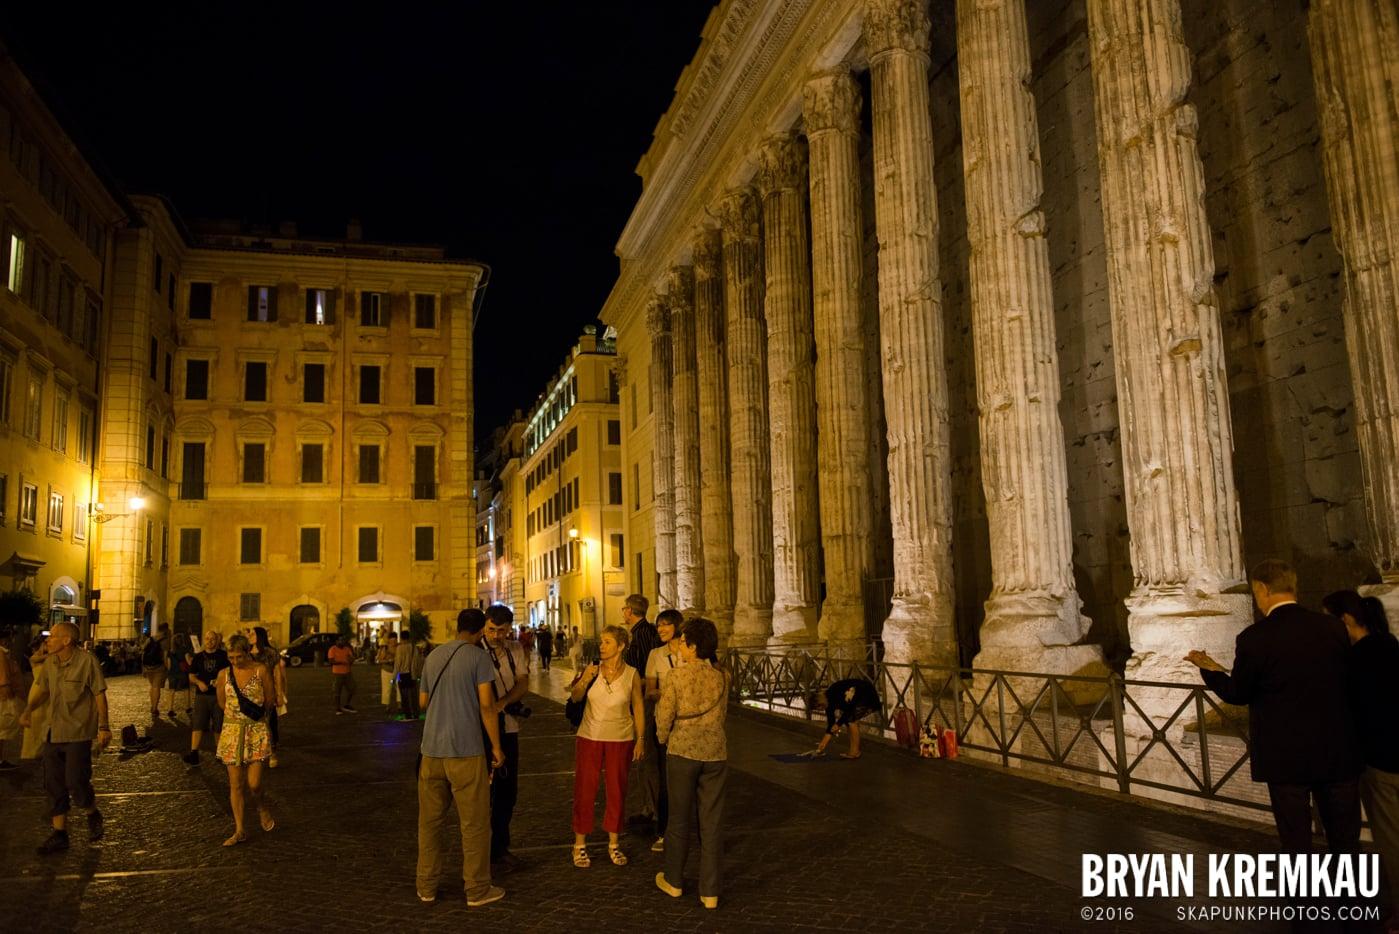 Italy Vacation - Day 1: Rome - 9.9.13 (8)